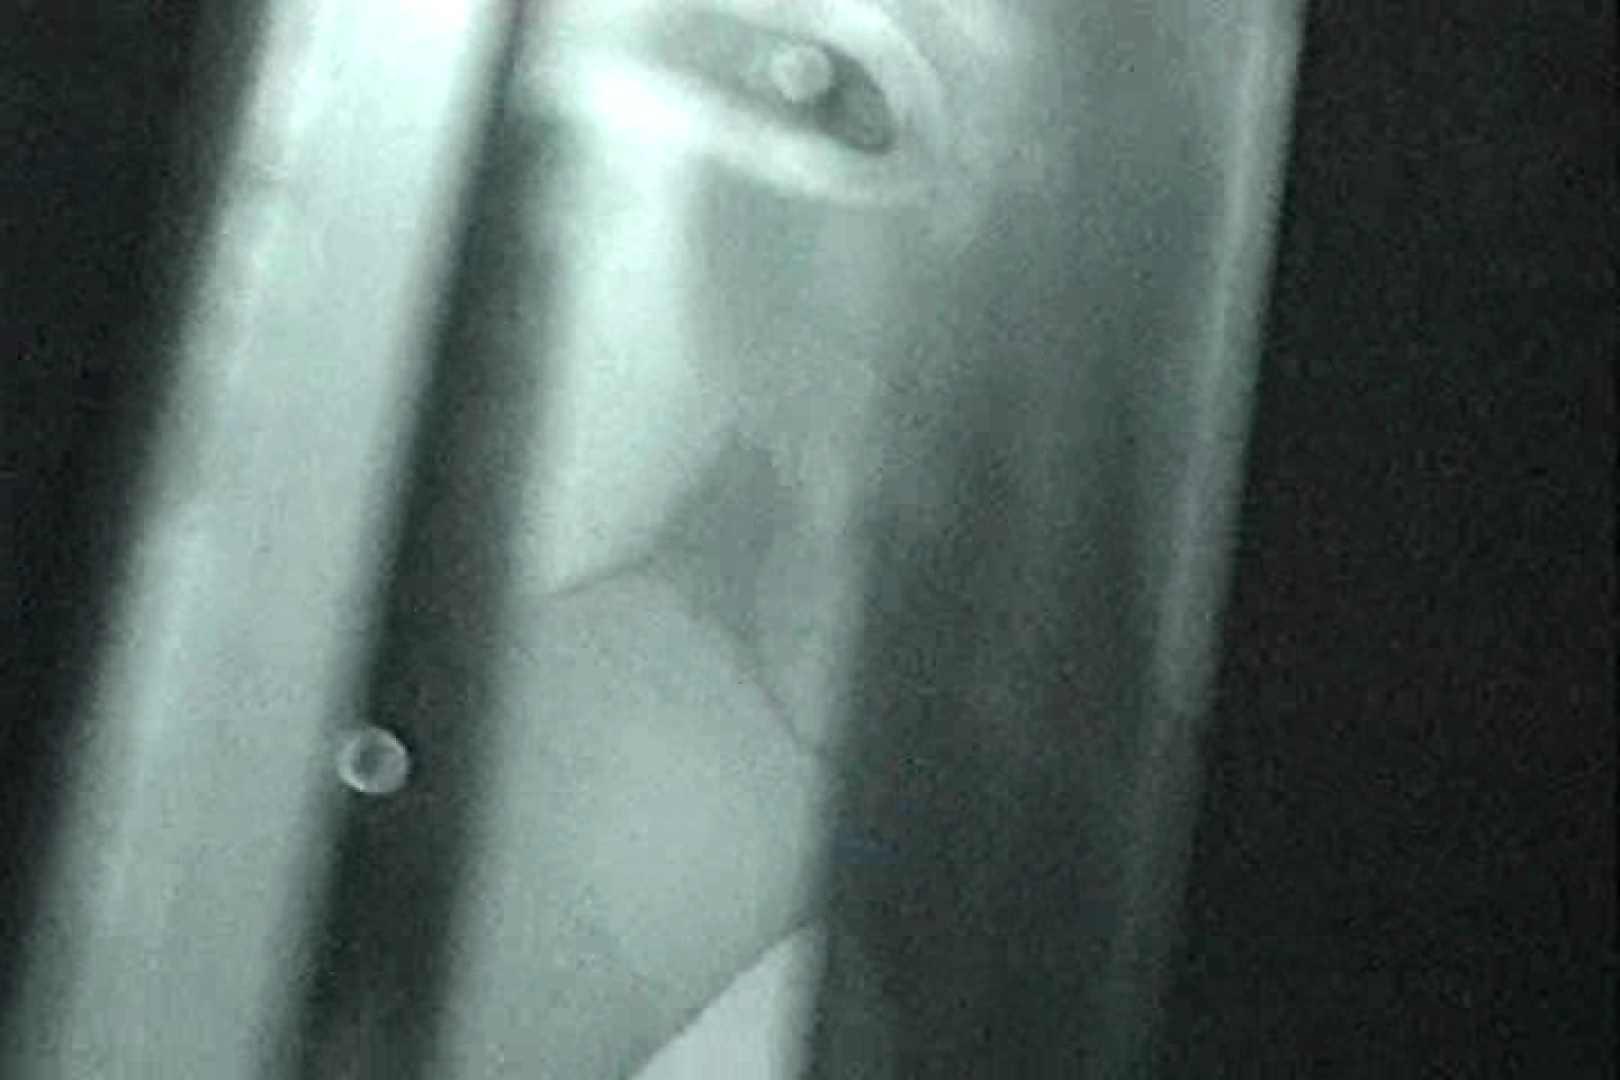 充血監督の深夜の運動会Vol.18 車中はめどり えろ無修正画像 79画像 74